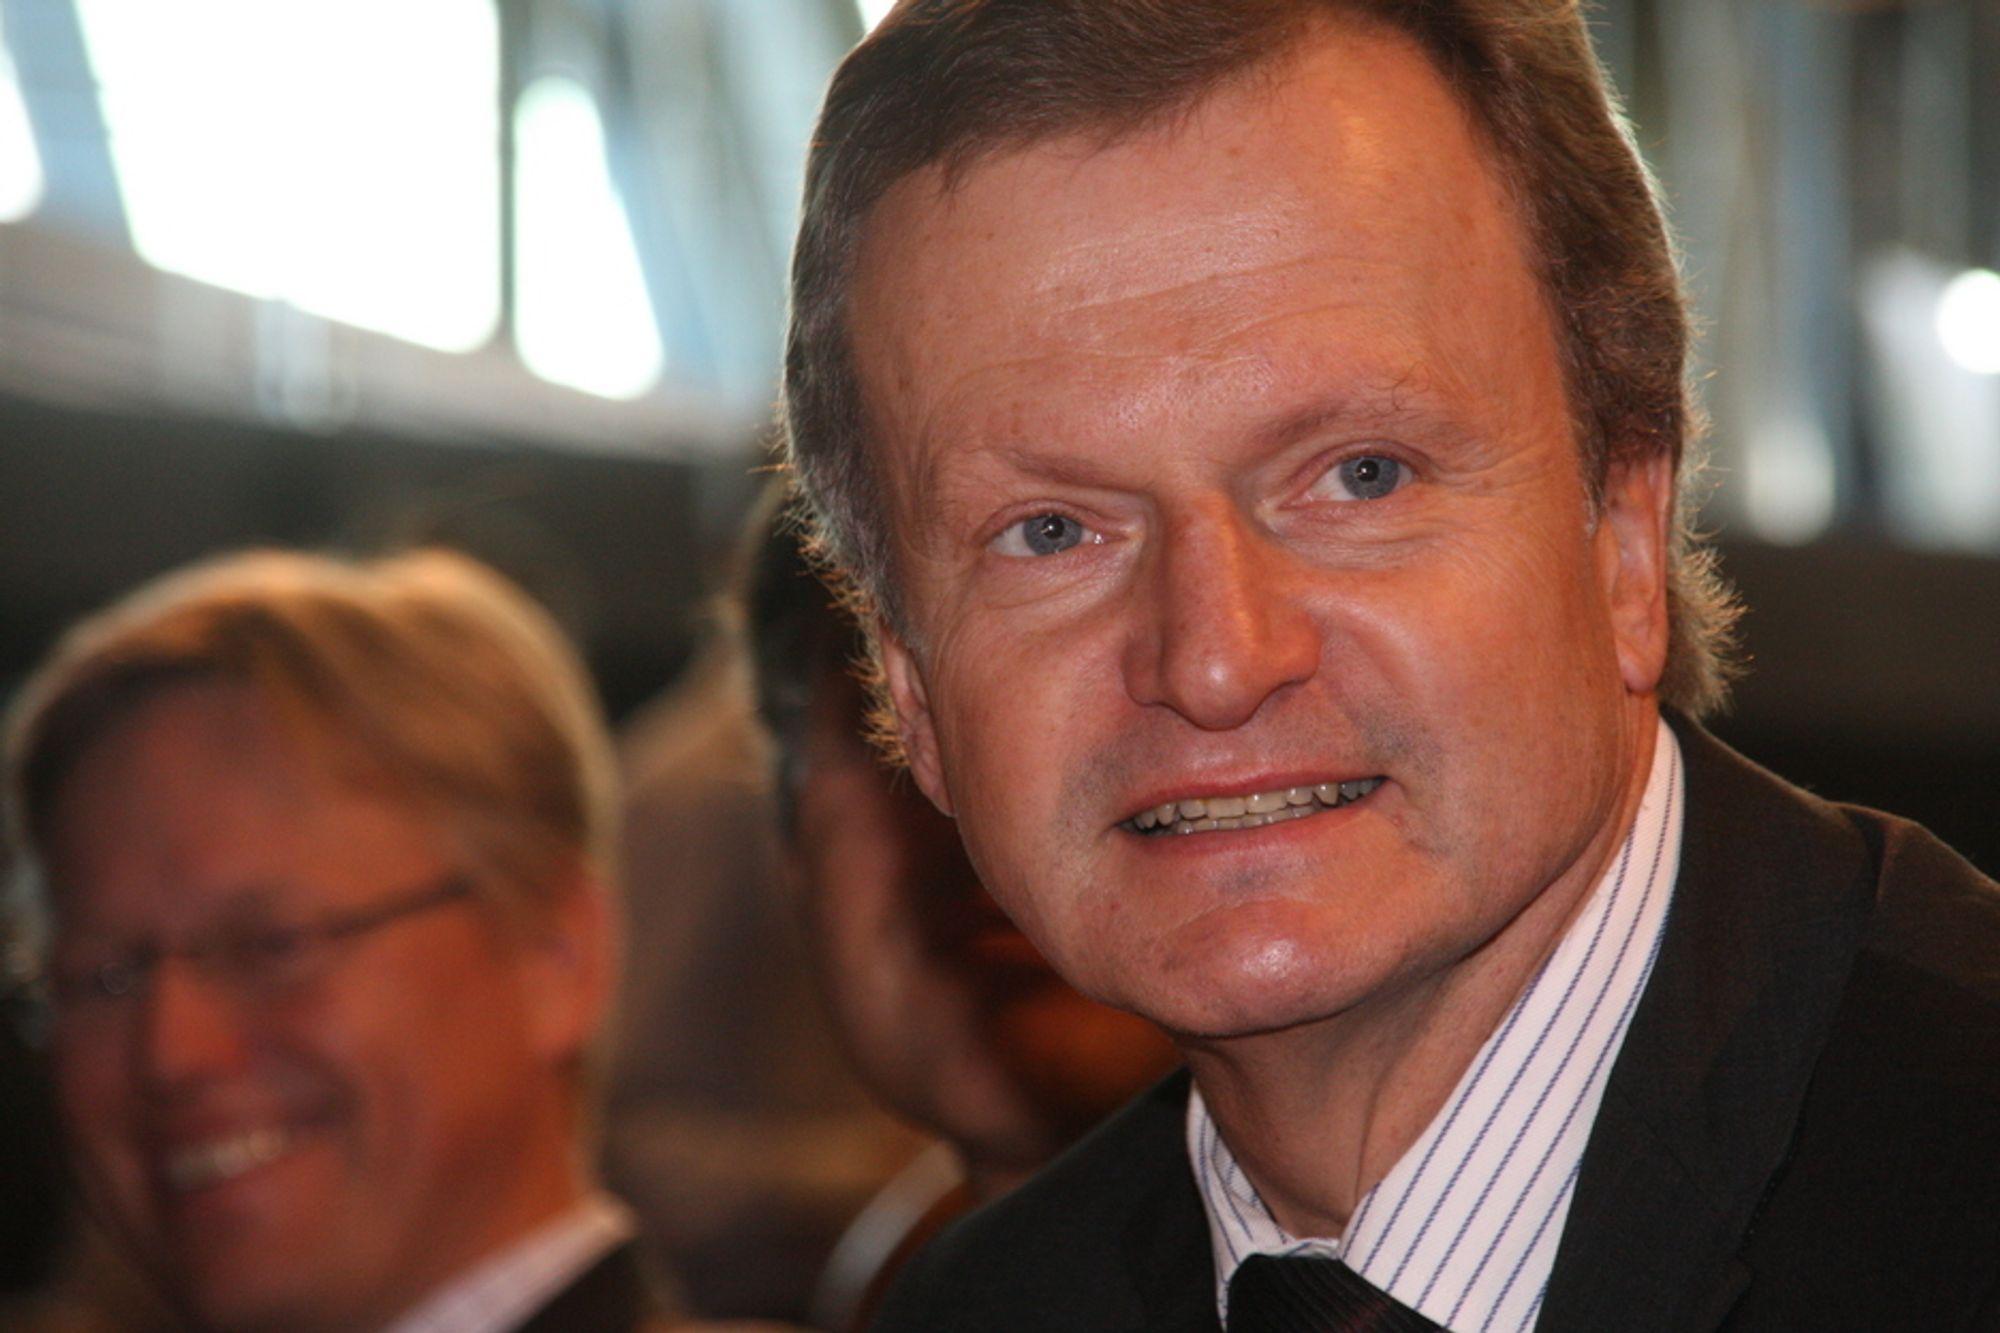 KAN SMILE: Telenors konsernsjef Jon Fredrik Baksaas inngår sammenslåingsavtale med russiske Altimo. Dermed forsvinner de pågående rettsprosessene.